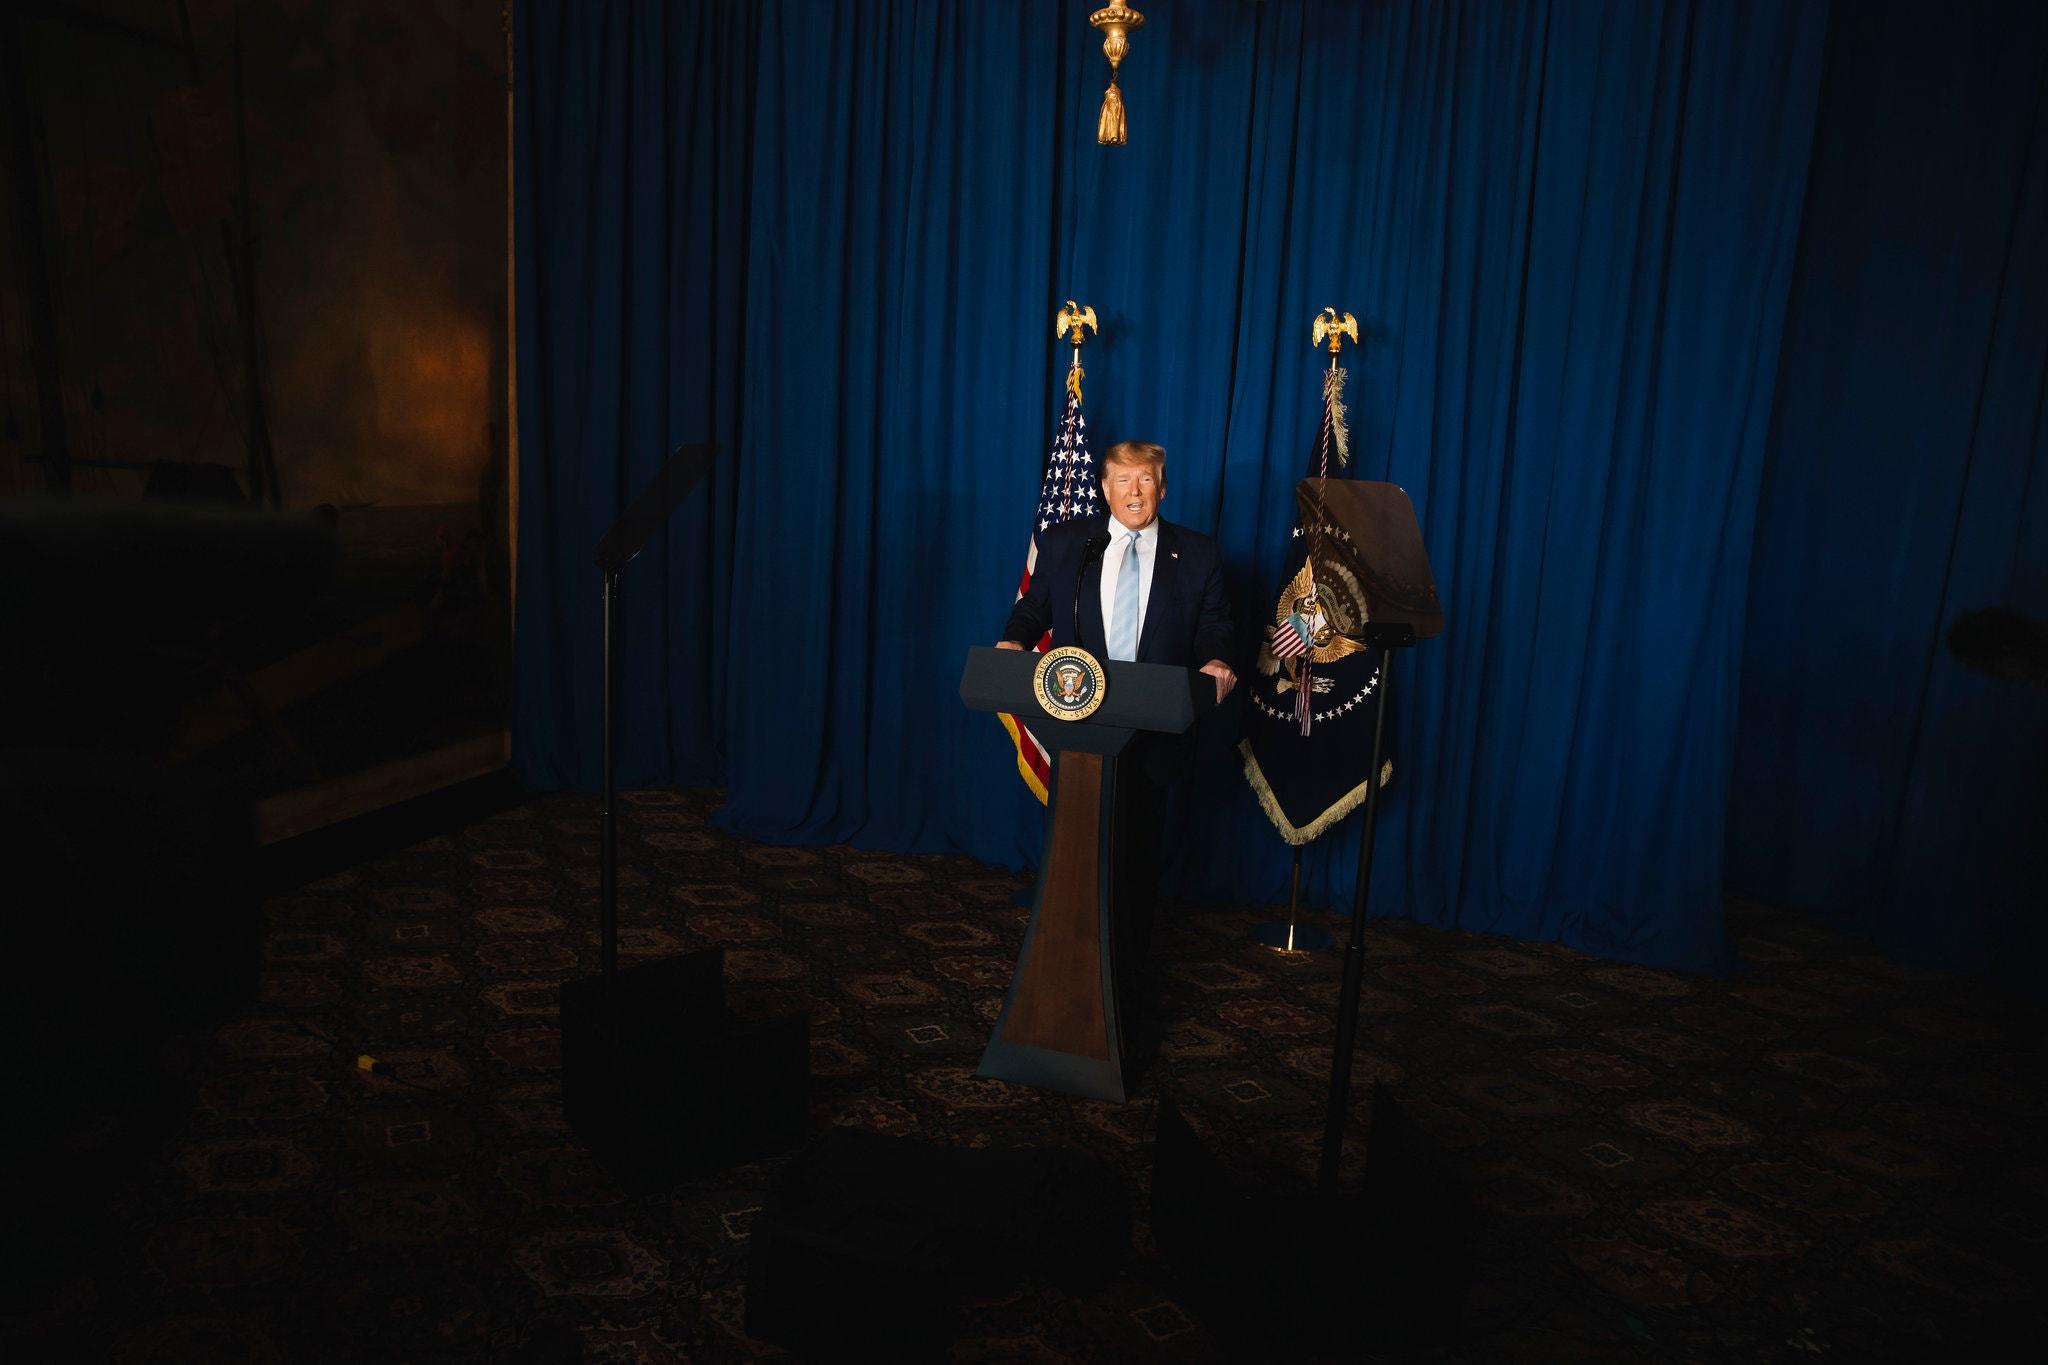 افشاگری نیویورک تایمز از چگونگی تصمیم ترامپ برای ترور شهید قاسم سلیمانی و دروغ پنتاگون و ترامپ در توجیه آن